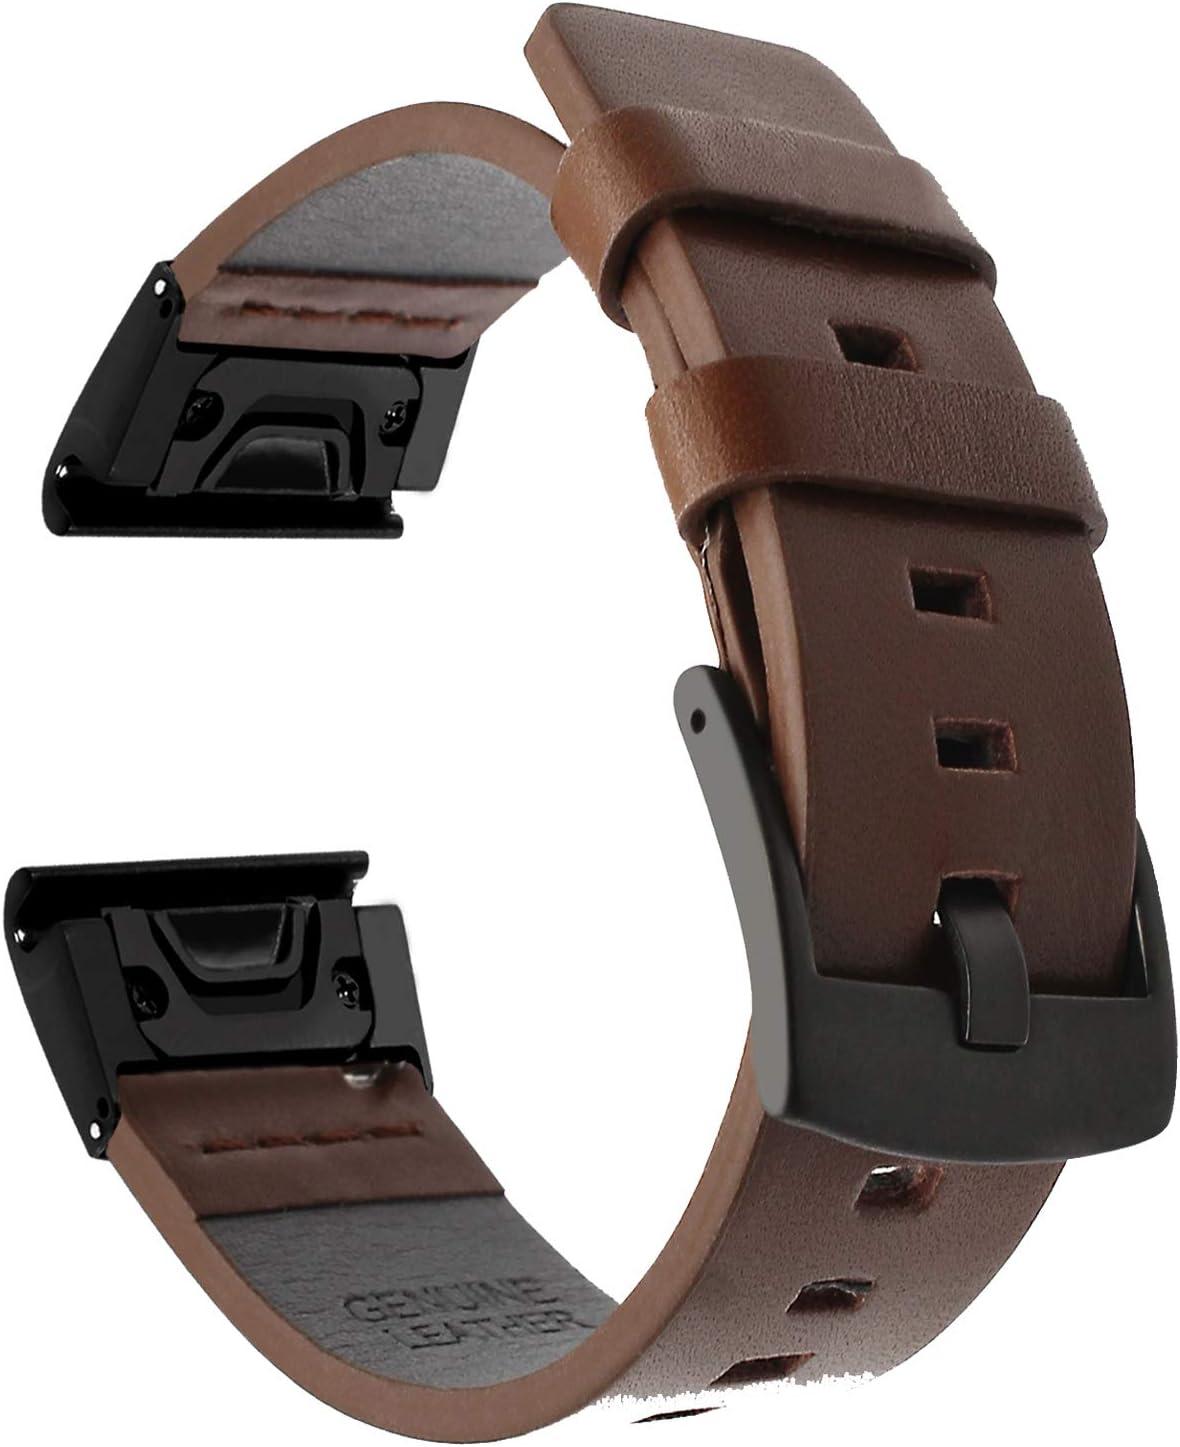 TRUMiRR Fenix 5 Correa de Reloj, 22mm Quick Release Easy Fit Banda de Reloj Square Tail Correa de Cuero Genuino Acero Broche Pulsera para Garmin Fenix 5 / Forerunner 935 (FR935) / Approach S60